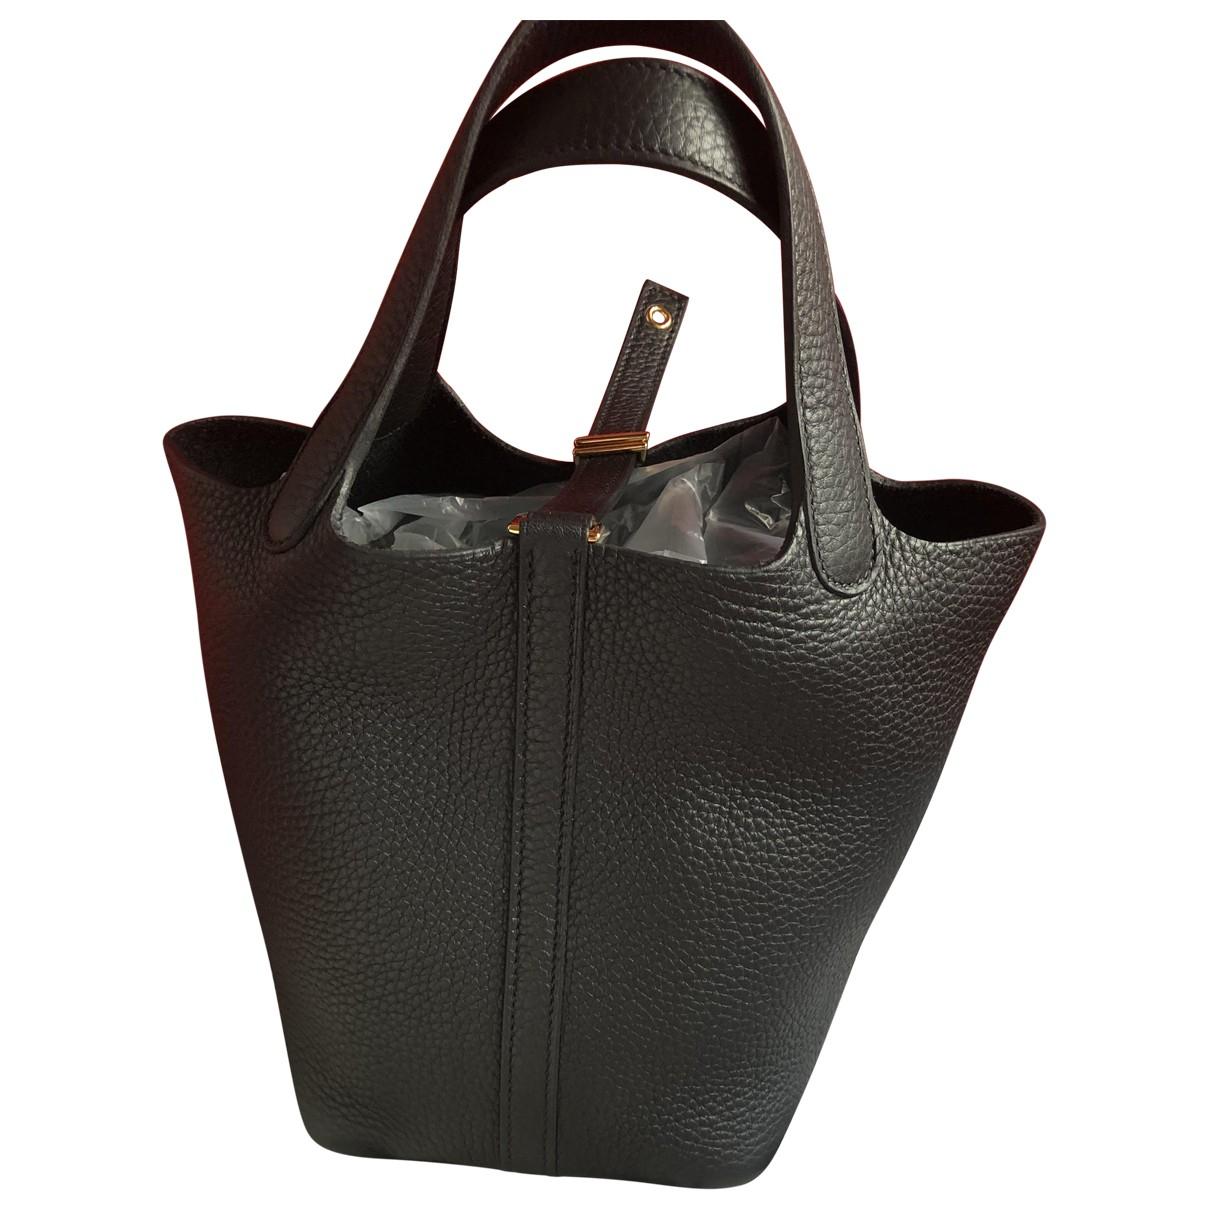 Hermes - Sac a main Picotin pour femme en cuir - noir